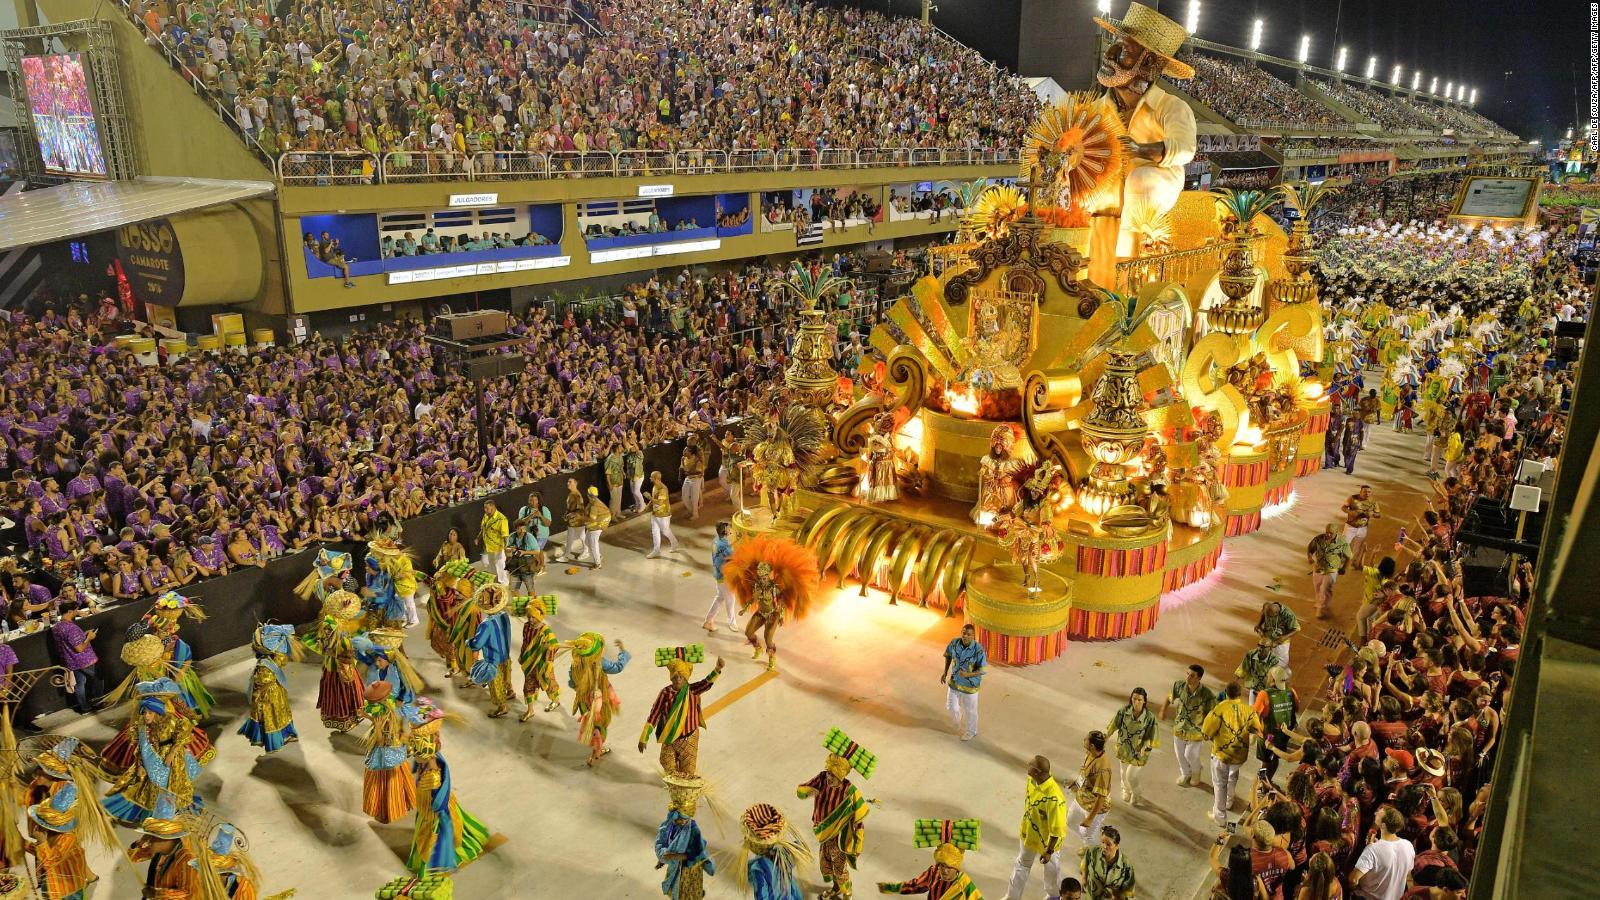 image for Carnaval de Río de Janeiro Brasil